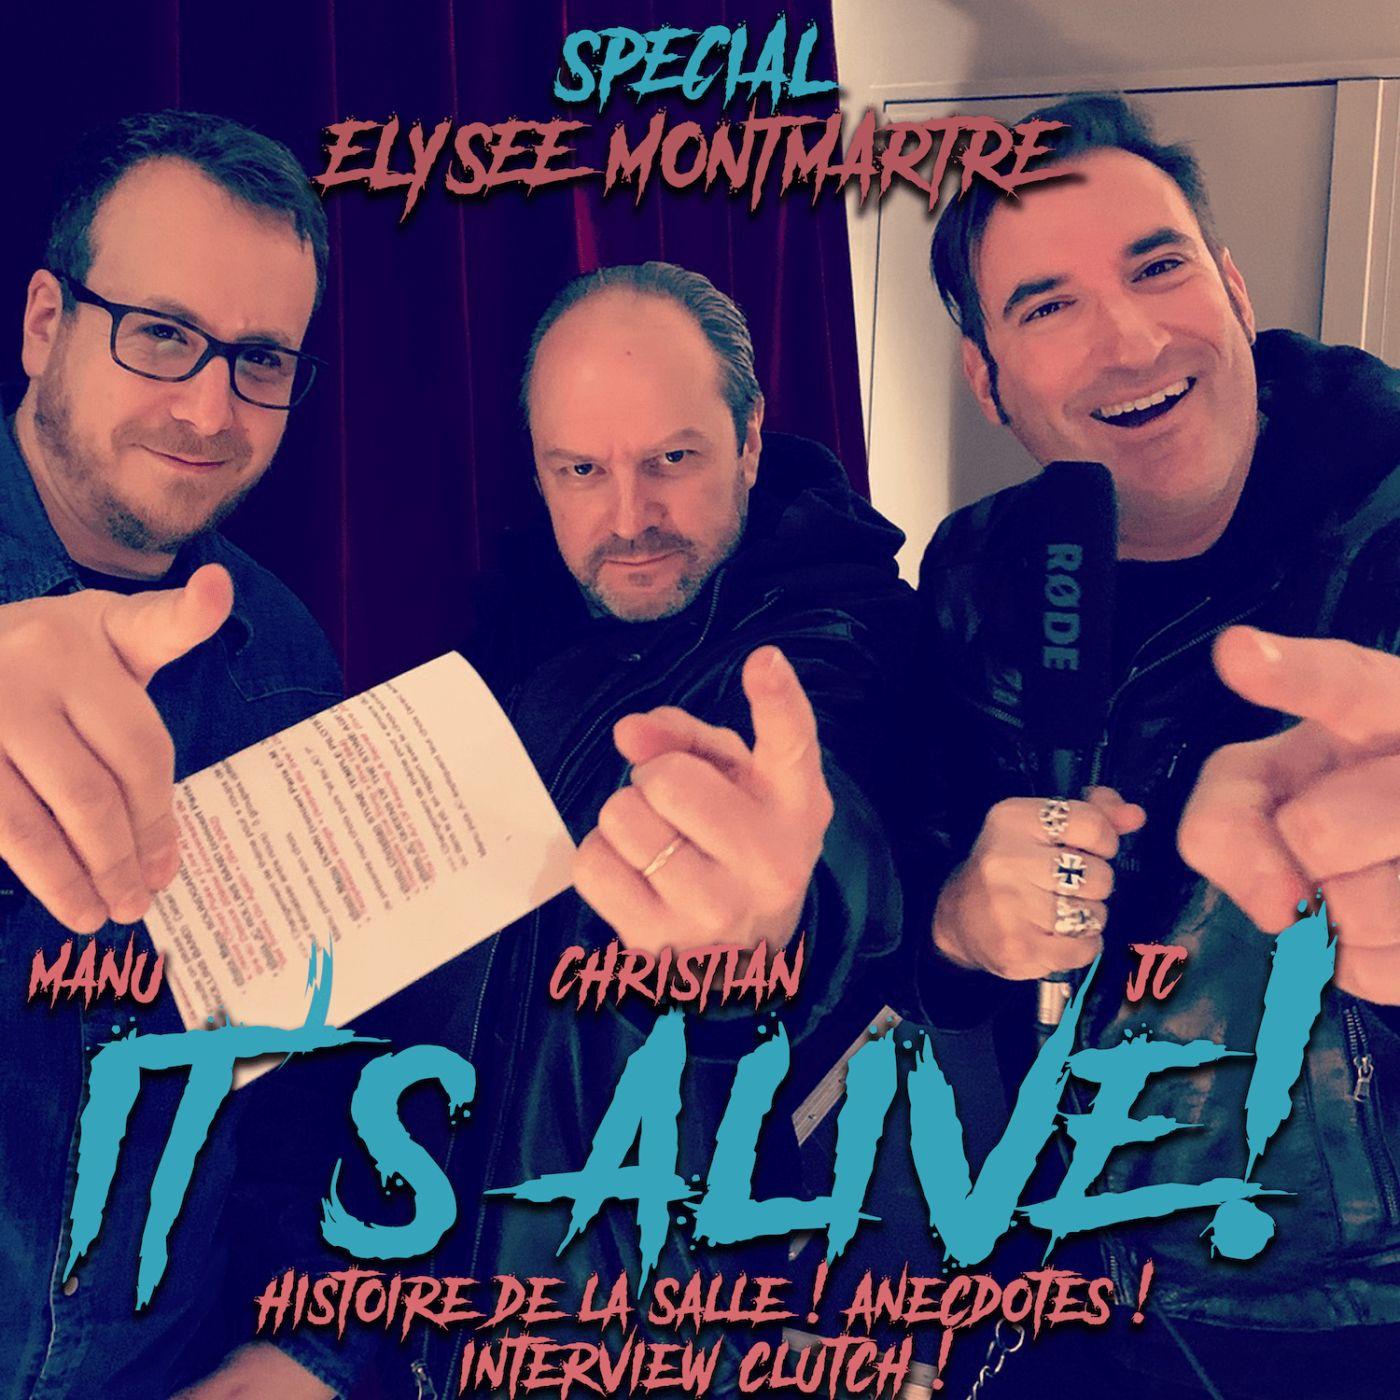 It's Alive Episode 4 Spécial Elysée Montmartre